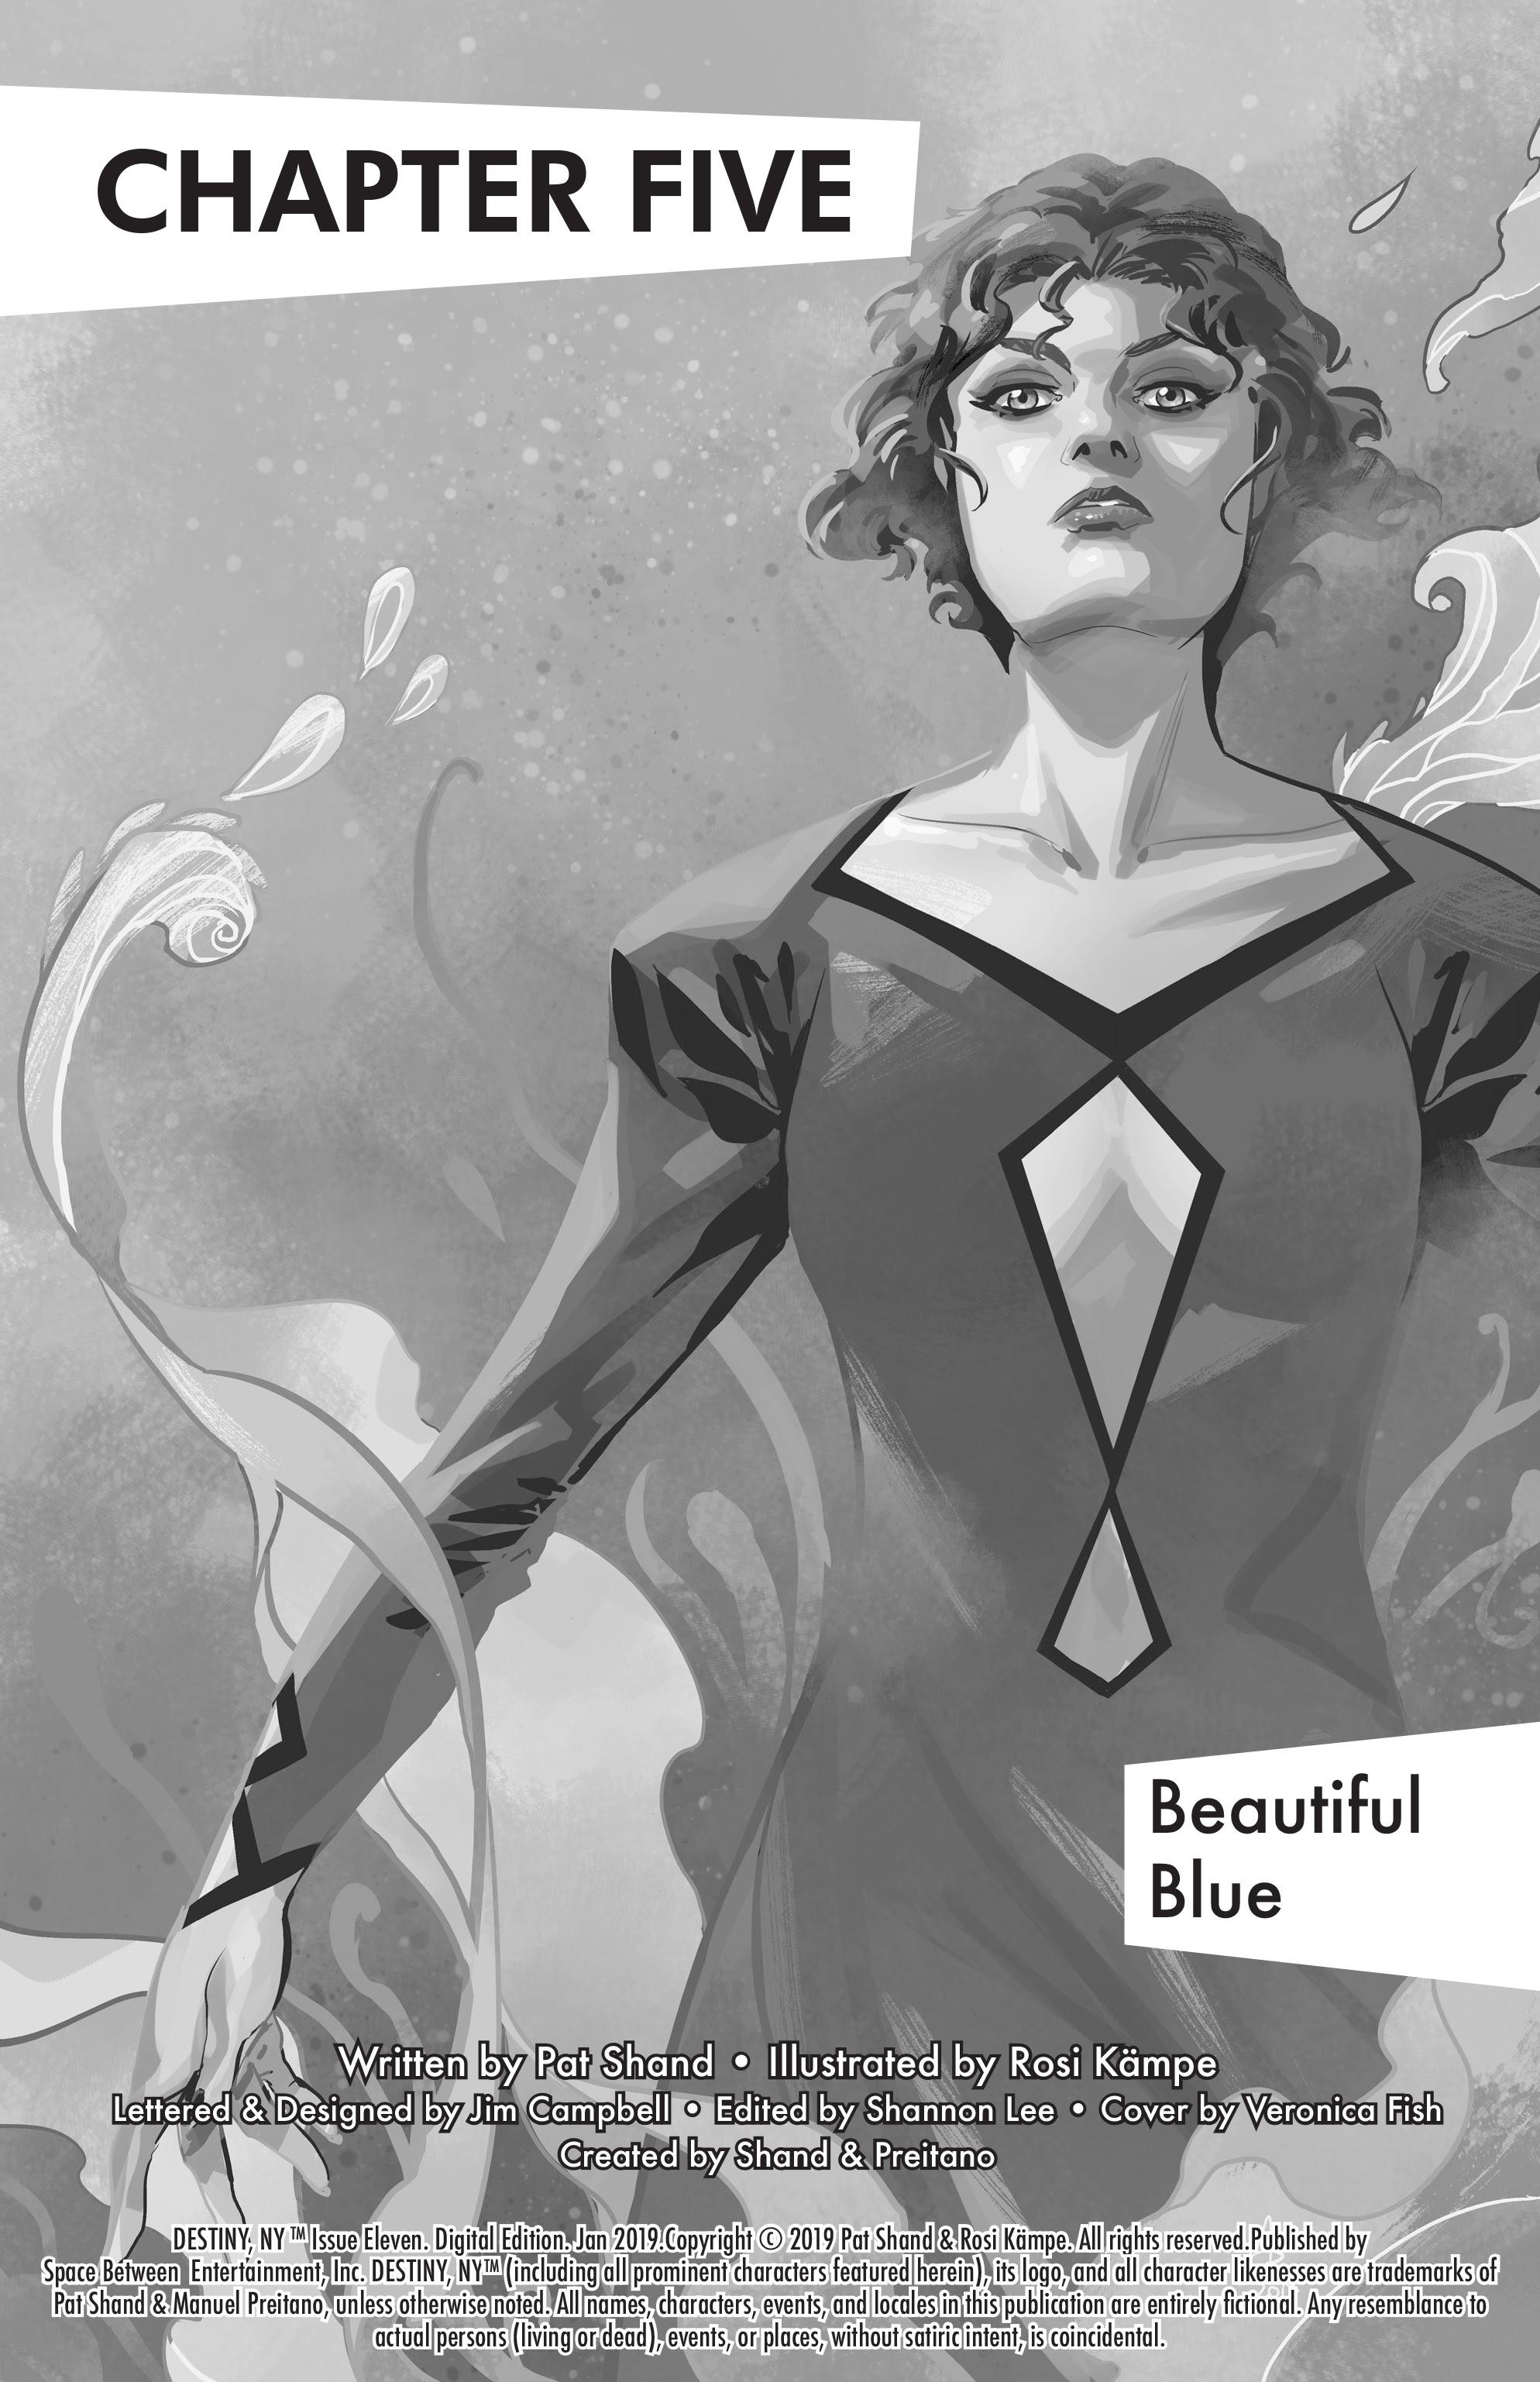 Destiny, NY 11 Page 2